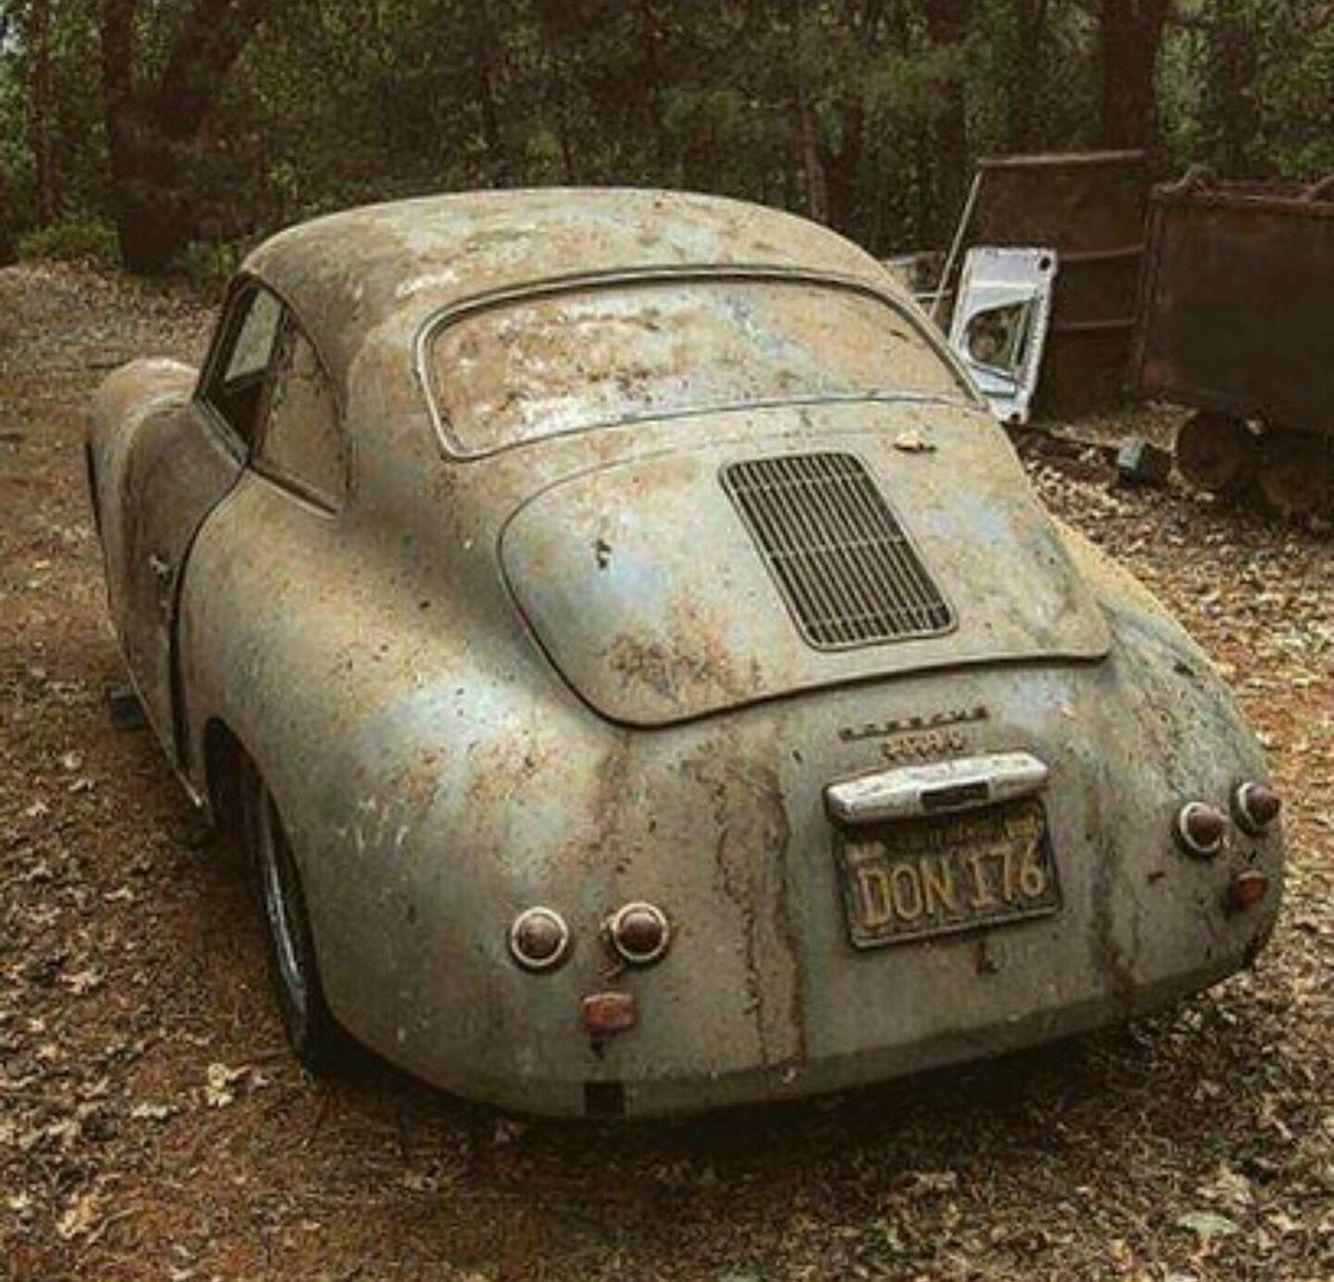 1955 dodge royal barn find for sale - 356 Barn Find M S